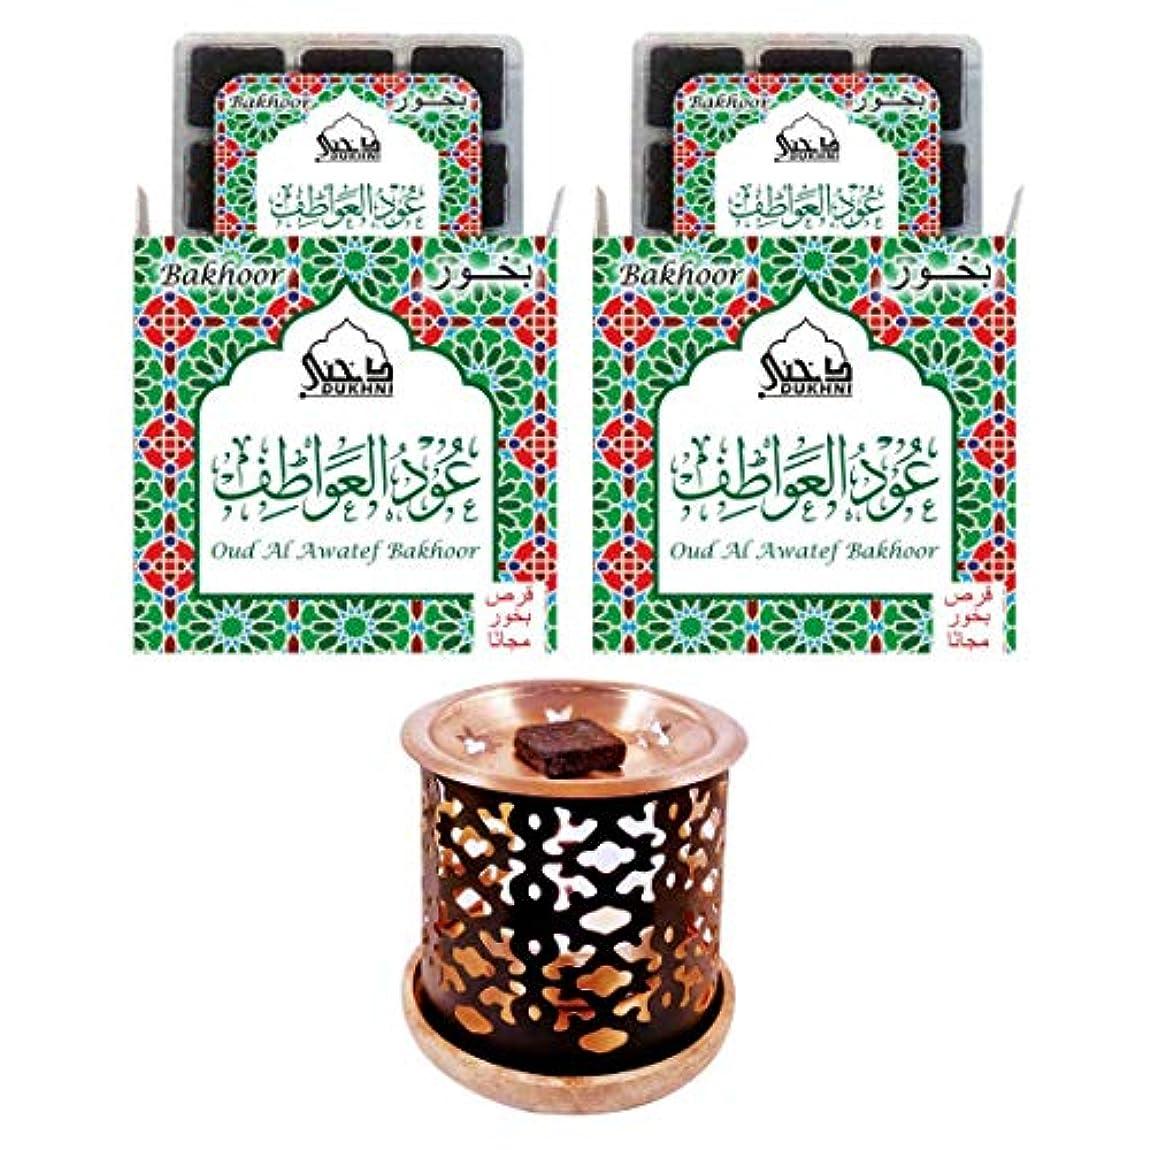 アトムほのか博物館Dukhni DUK-Oud Al Awatef Bakhoor (M) + スノーフレーク エキゾチックな香炉 燃焼